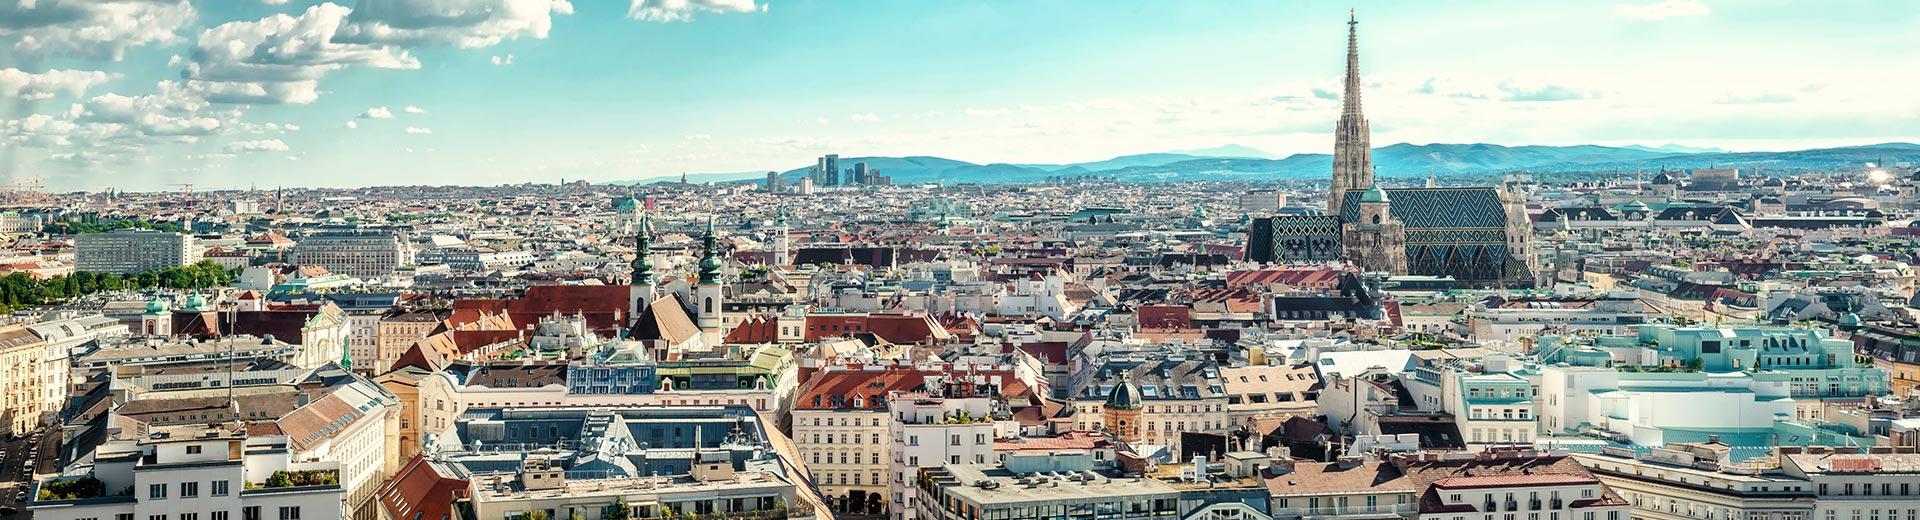 Voyage en groupe Vienne- offre classique train